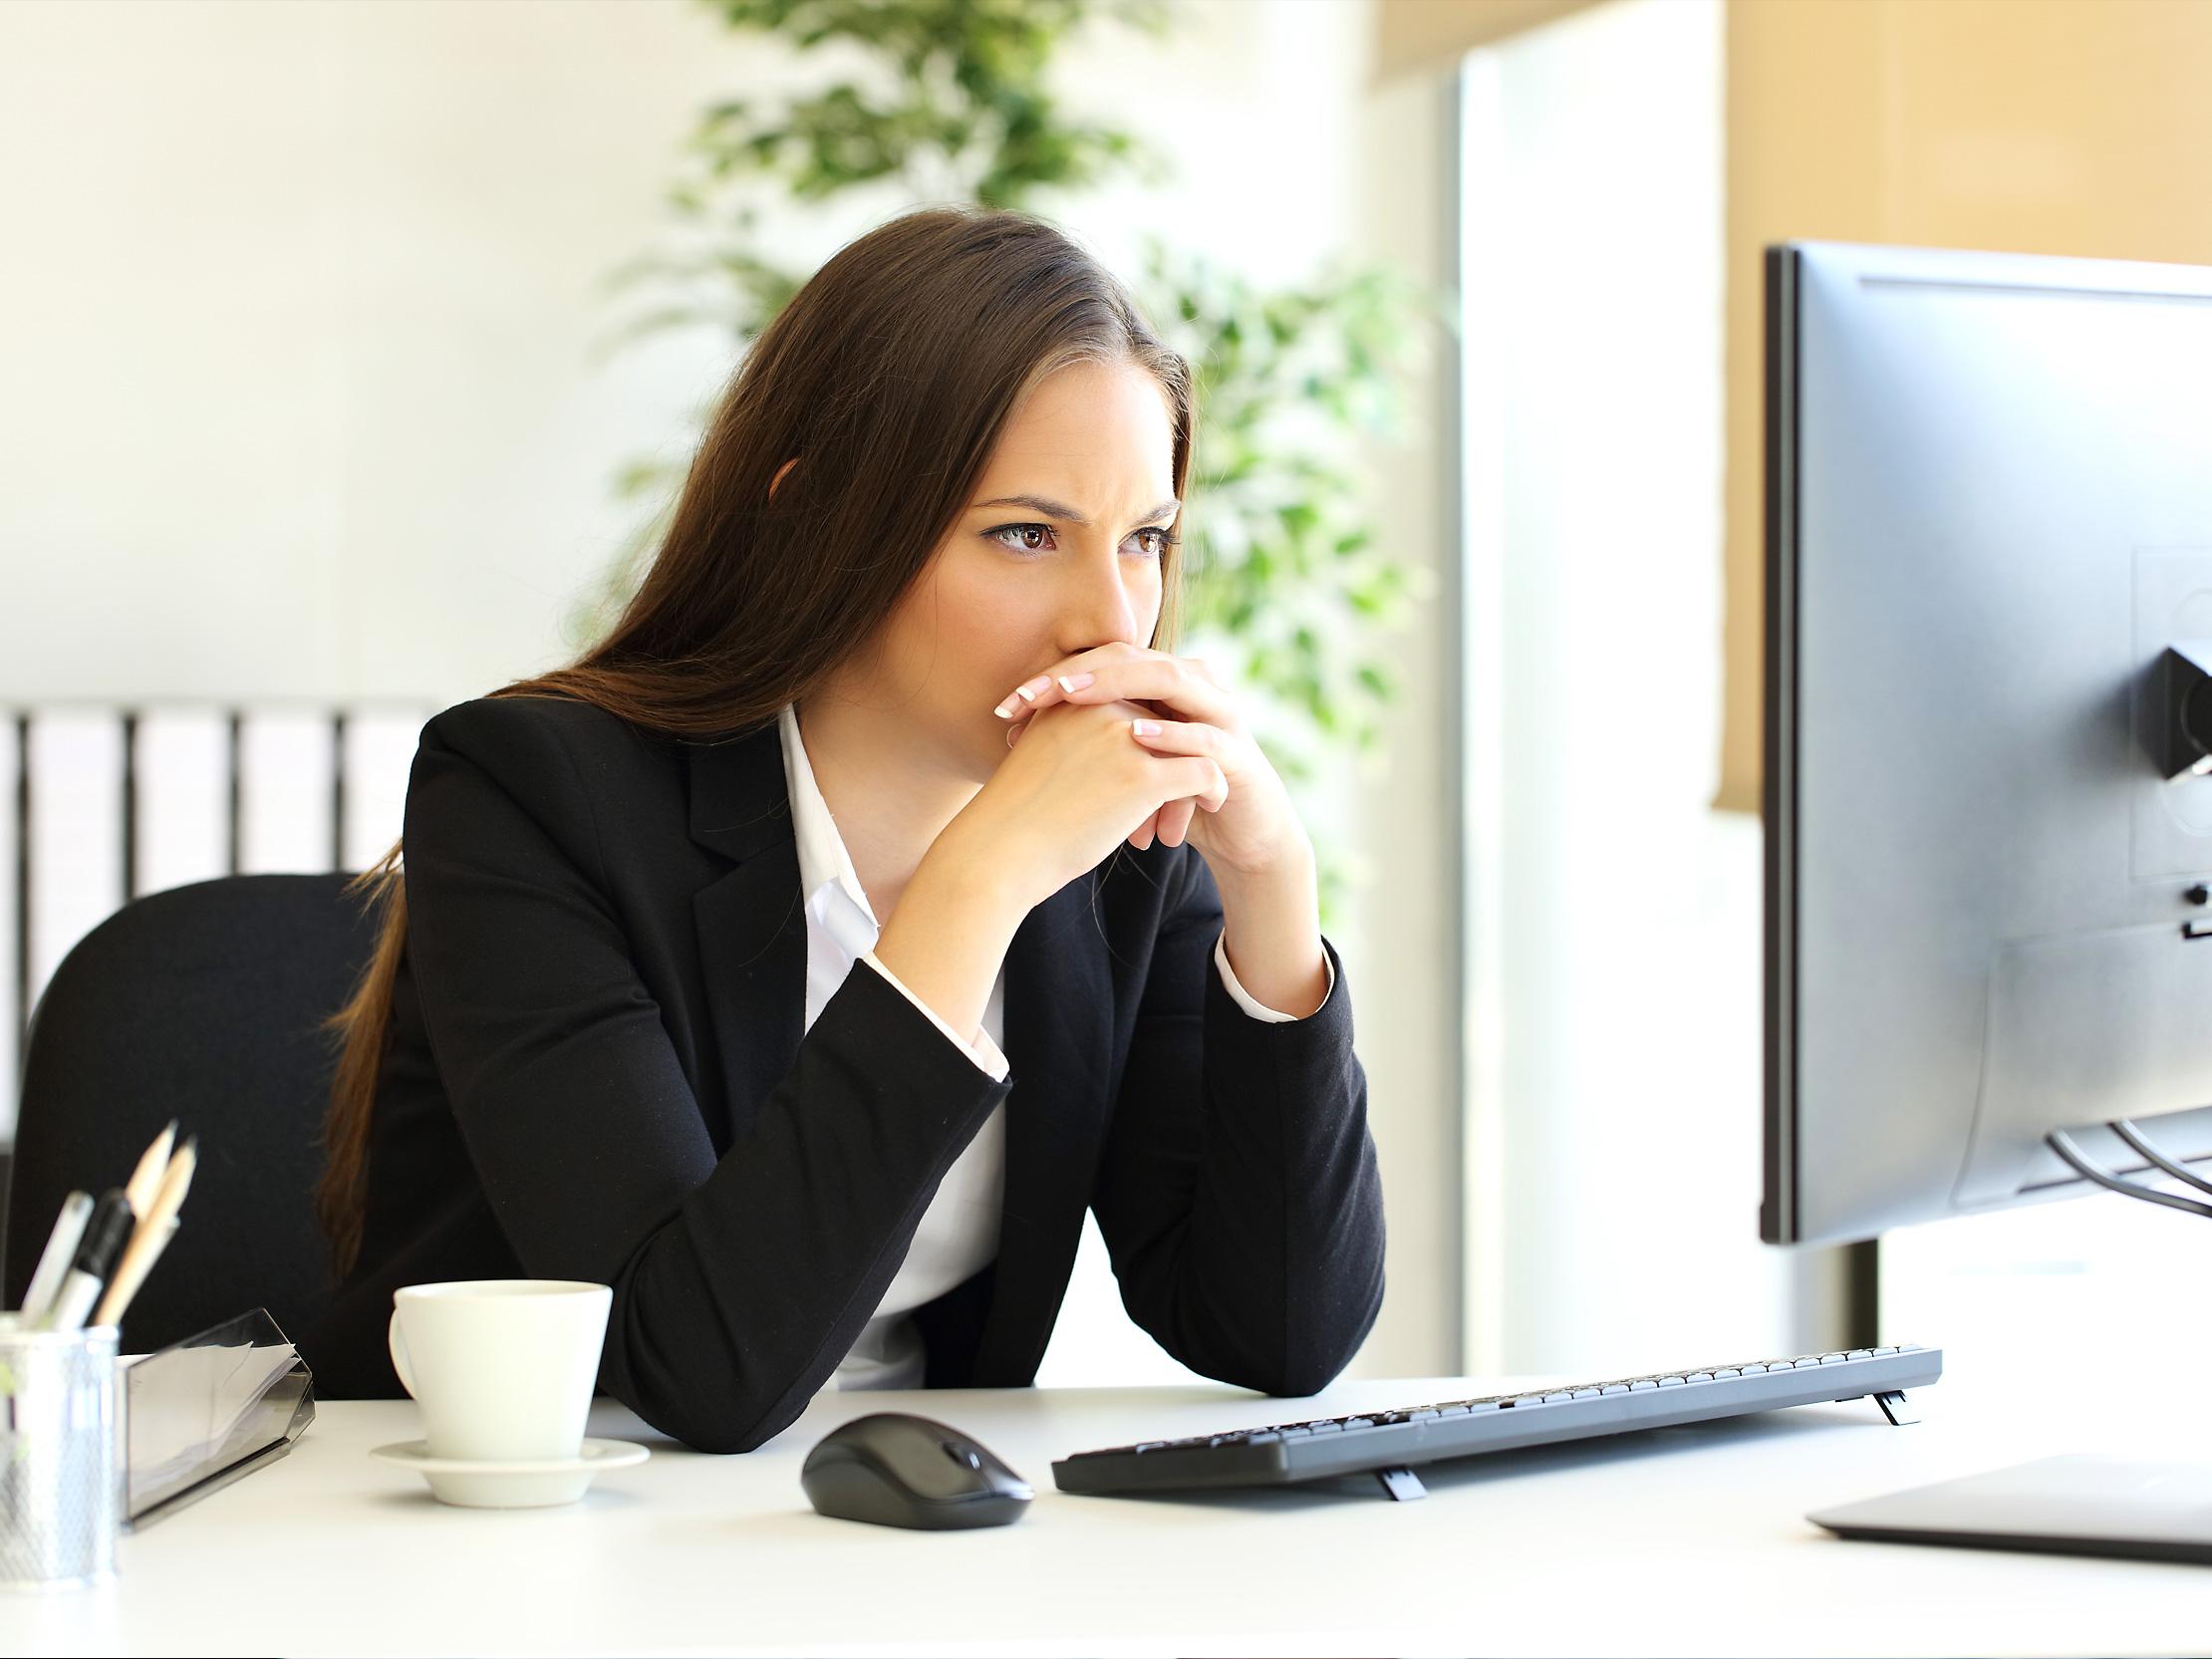 Lær at lindre dagligdagens stress